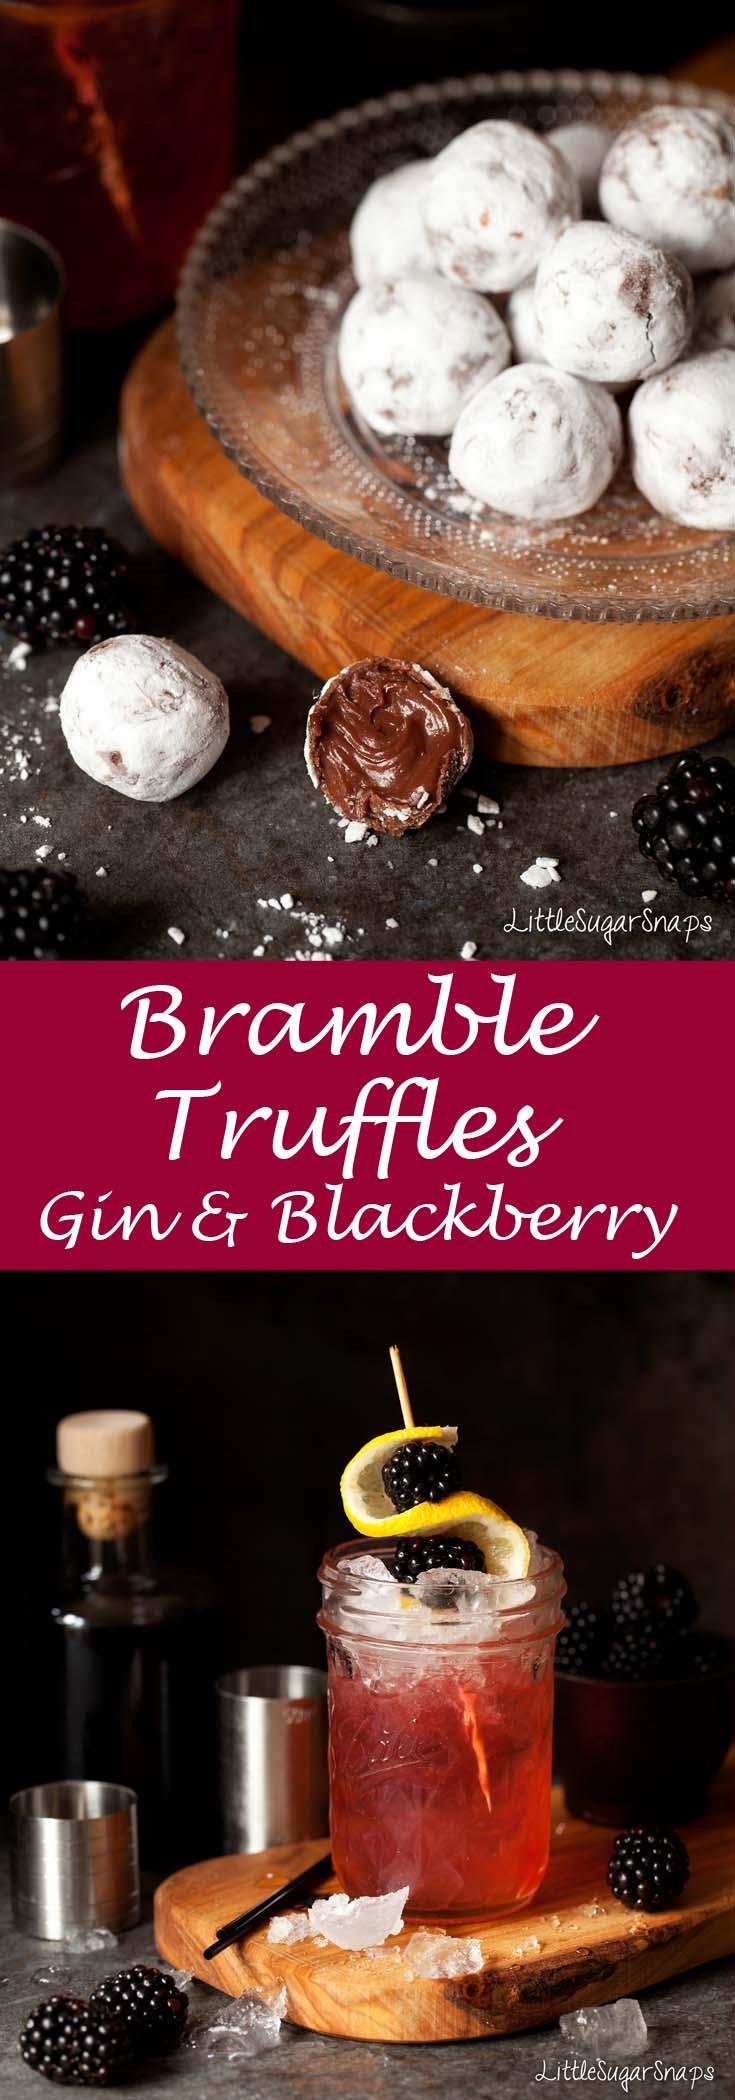 Bramble Truffle #bramble #brambletruffles #gintruffles